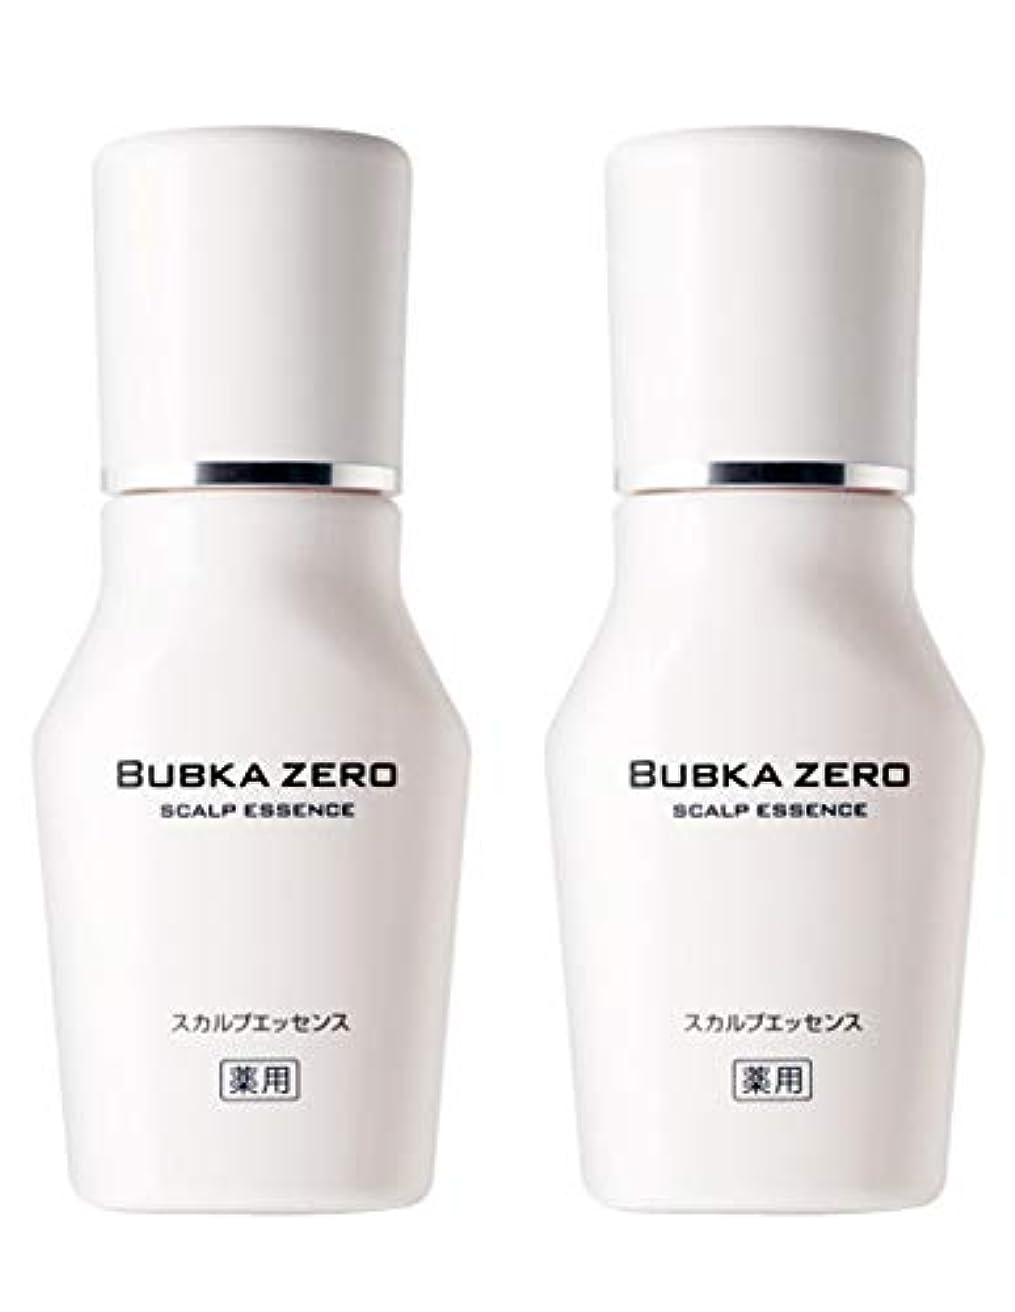 肥満なる織る【医薬部外品】BUBKA(ブブカ)薬用 スカルプエッセンス 育毛剤 BUBKA ZERO (ブブカ ゼロ)2本セット